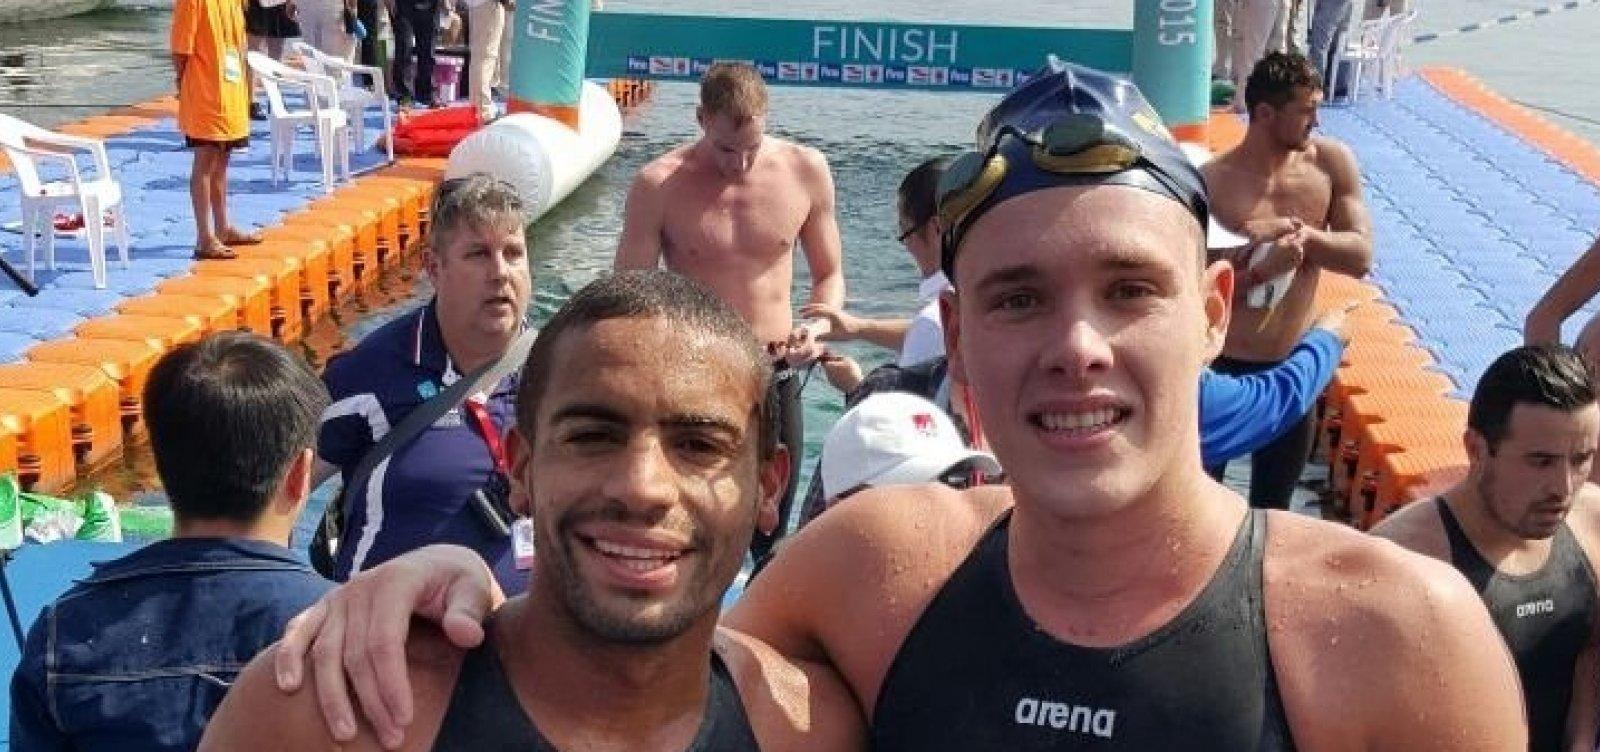 Os brasileiros Allan do Carmo e Victor Colonese não conseguiram terminar a prova dos 10 km em águas abertas entre os dez